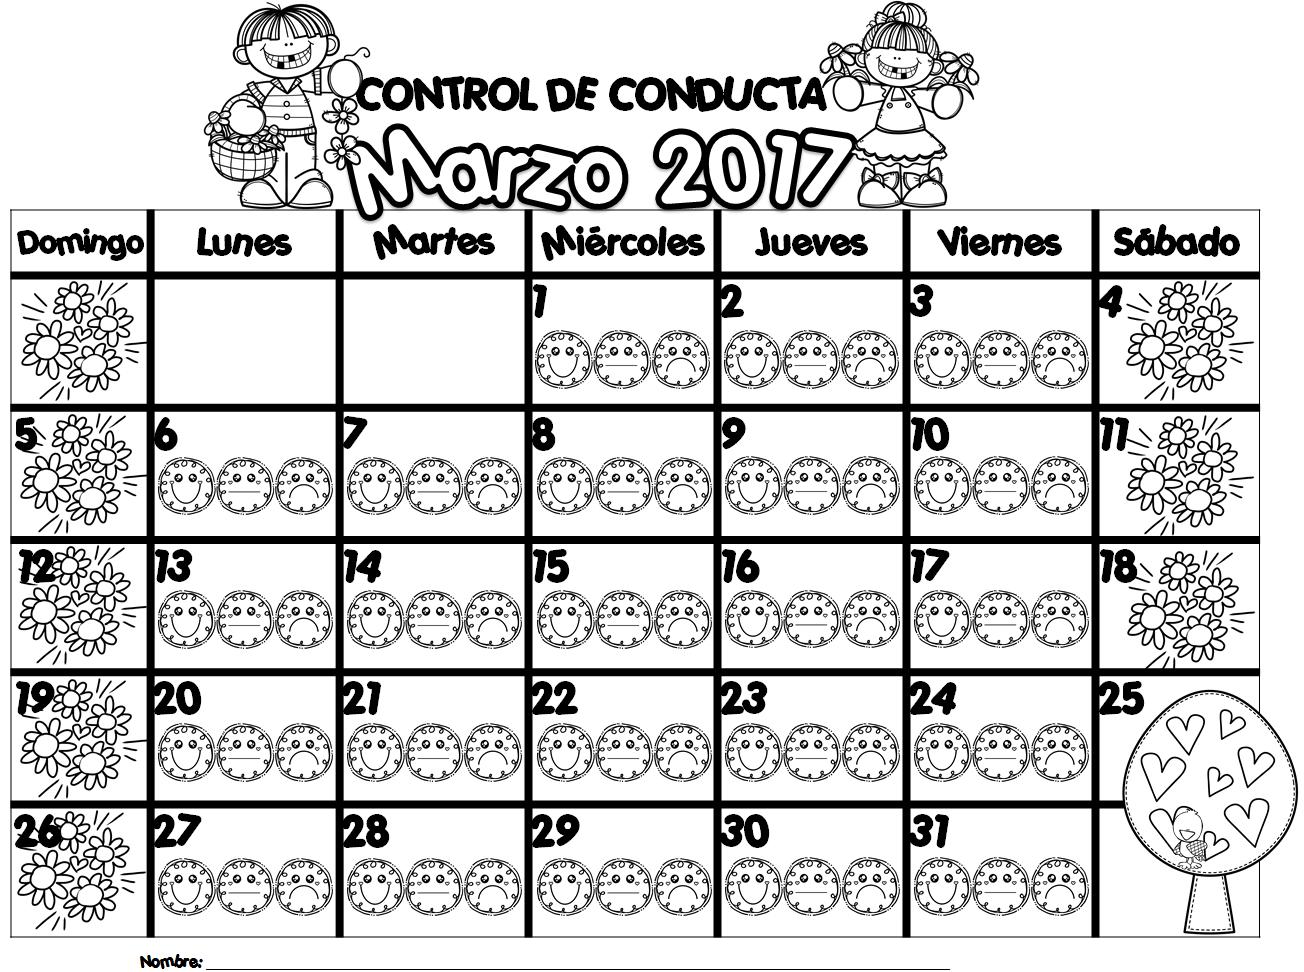 Estupendo Registro De Control De Conducta Del Mes De Marzo